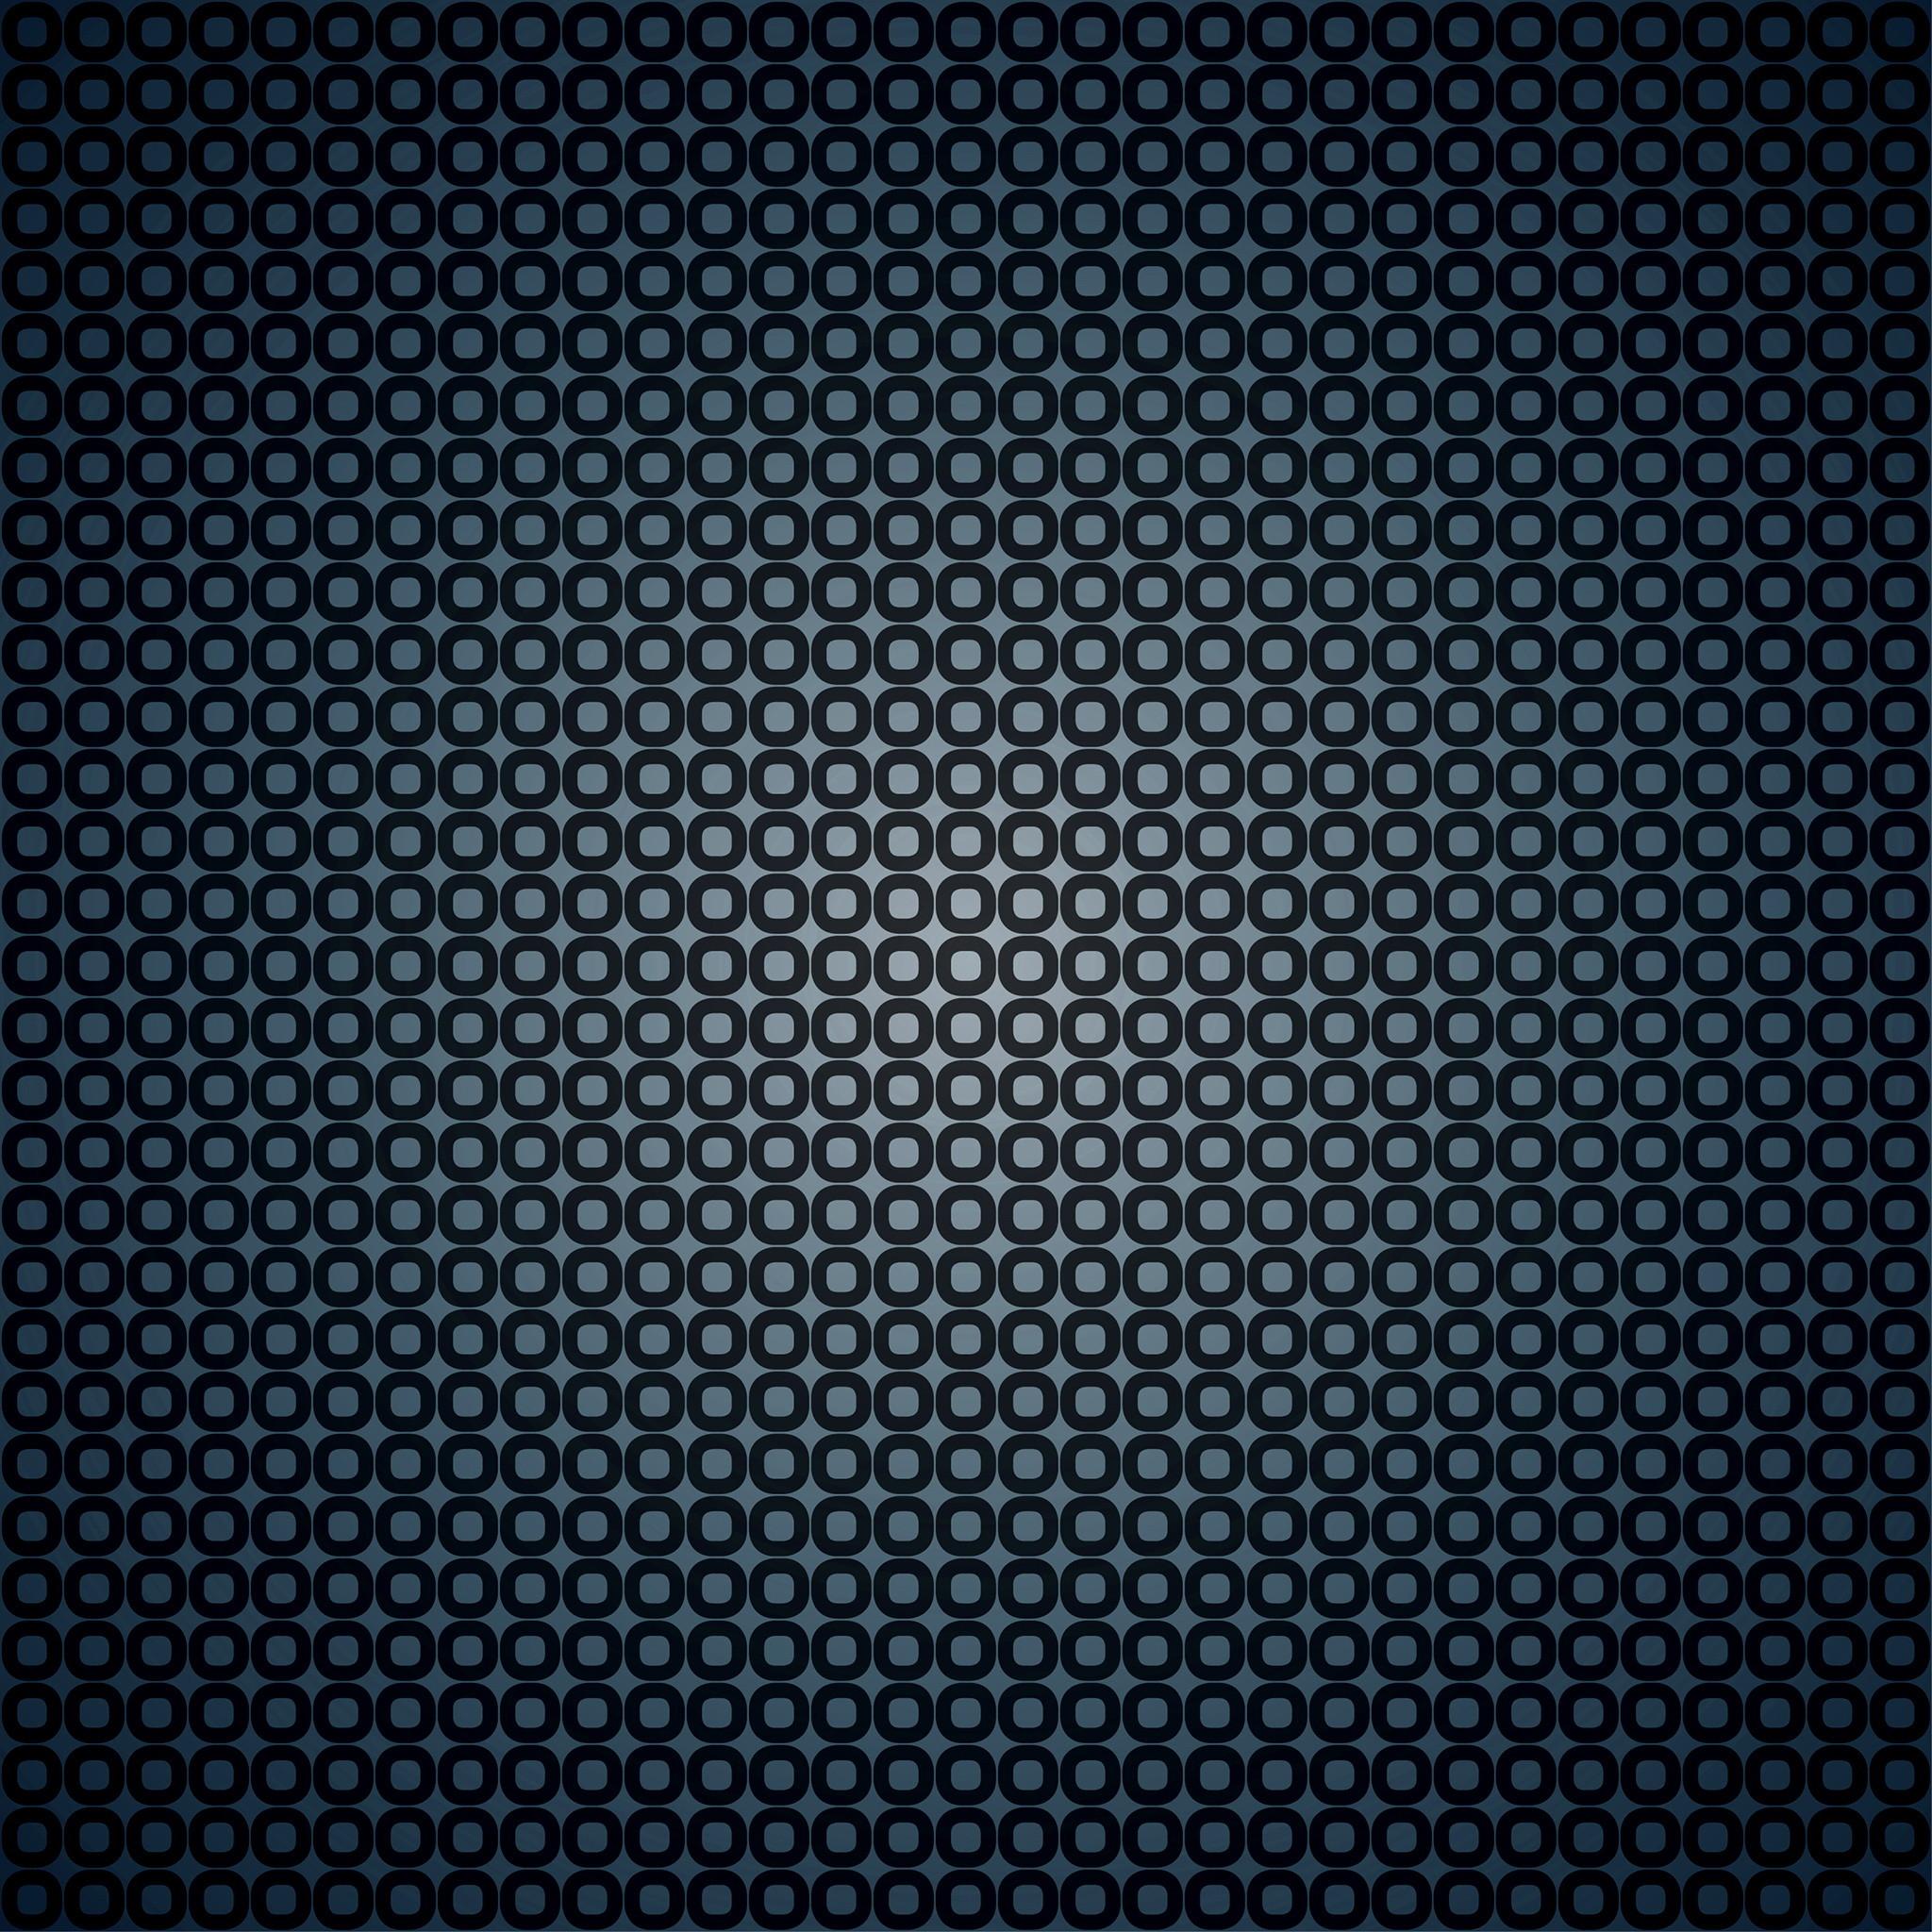 2048x2048 Retina New Ipad Wallpaper Hd 2048A 2048 887 IPad